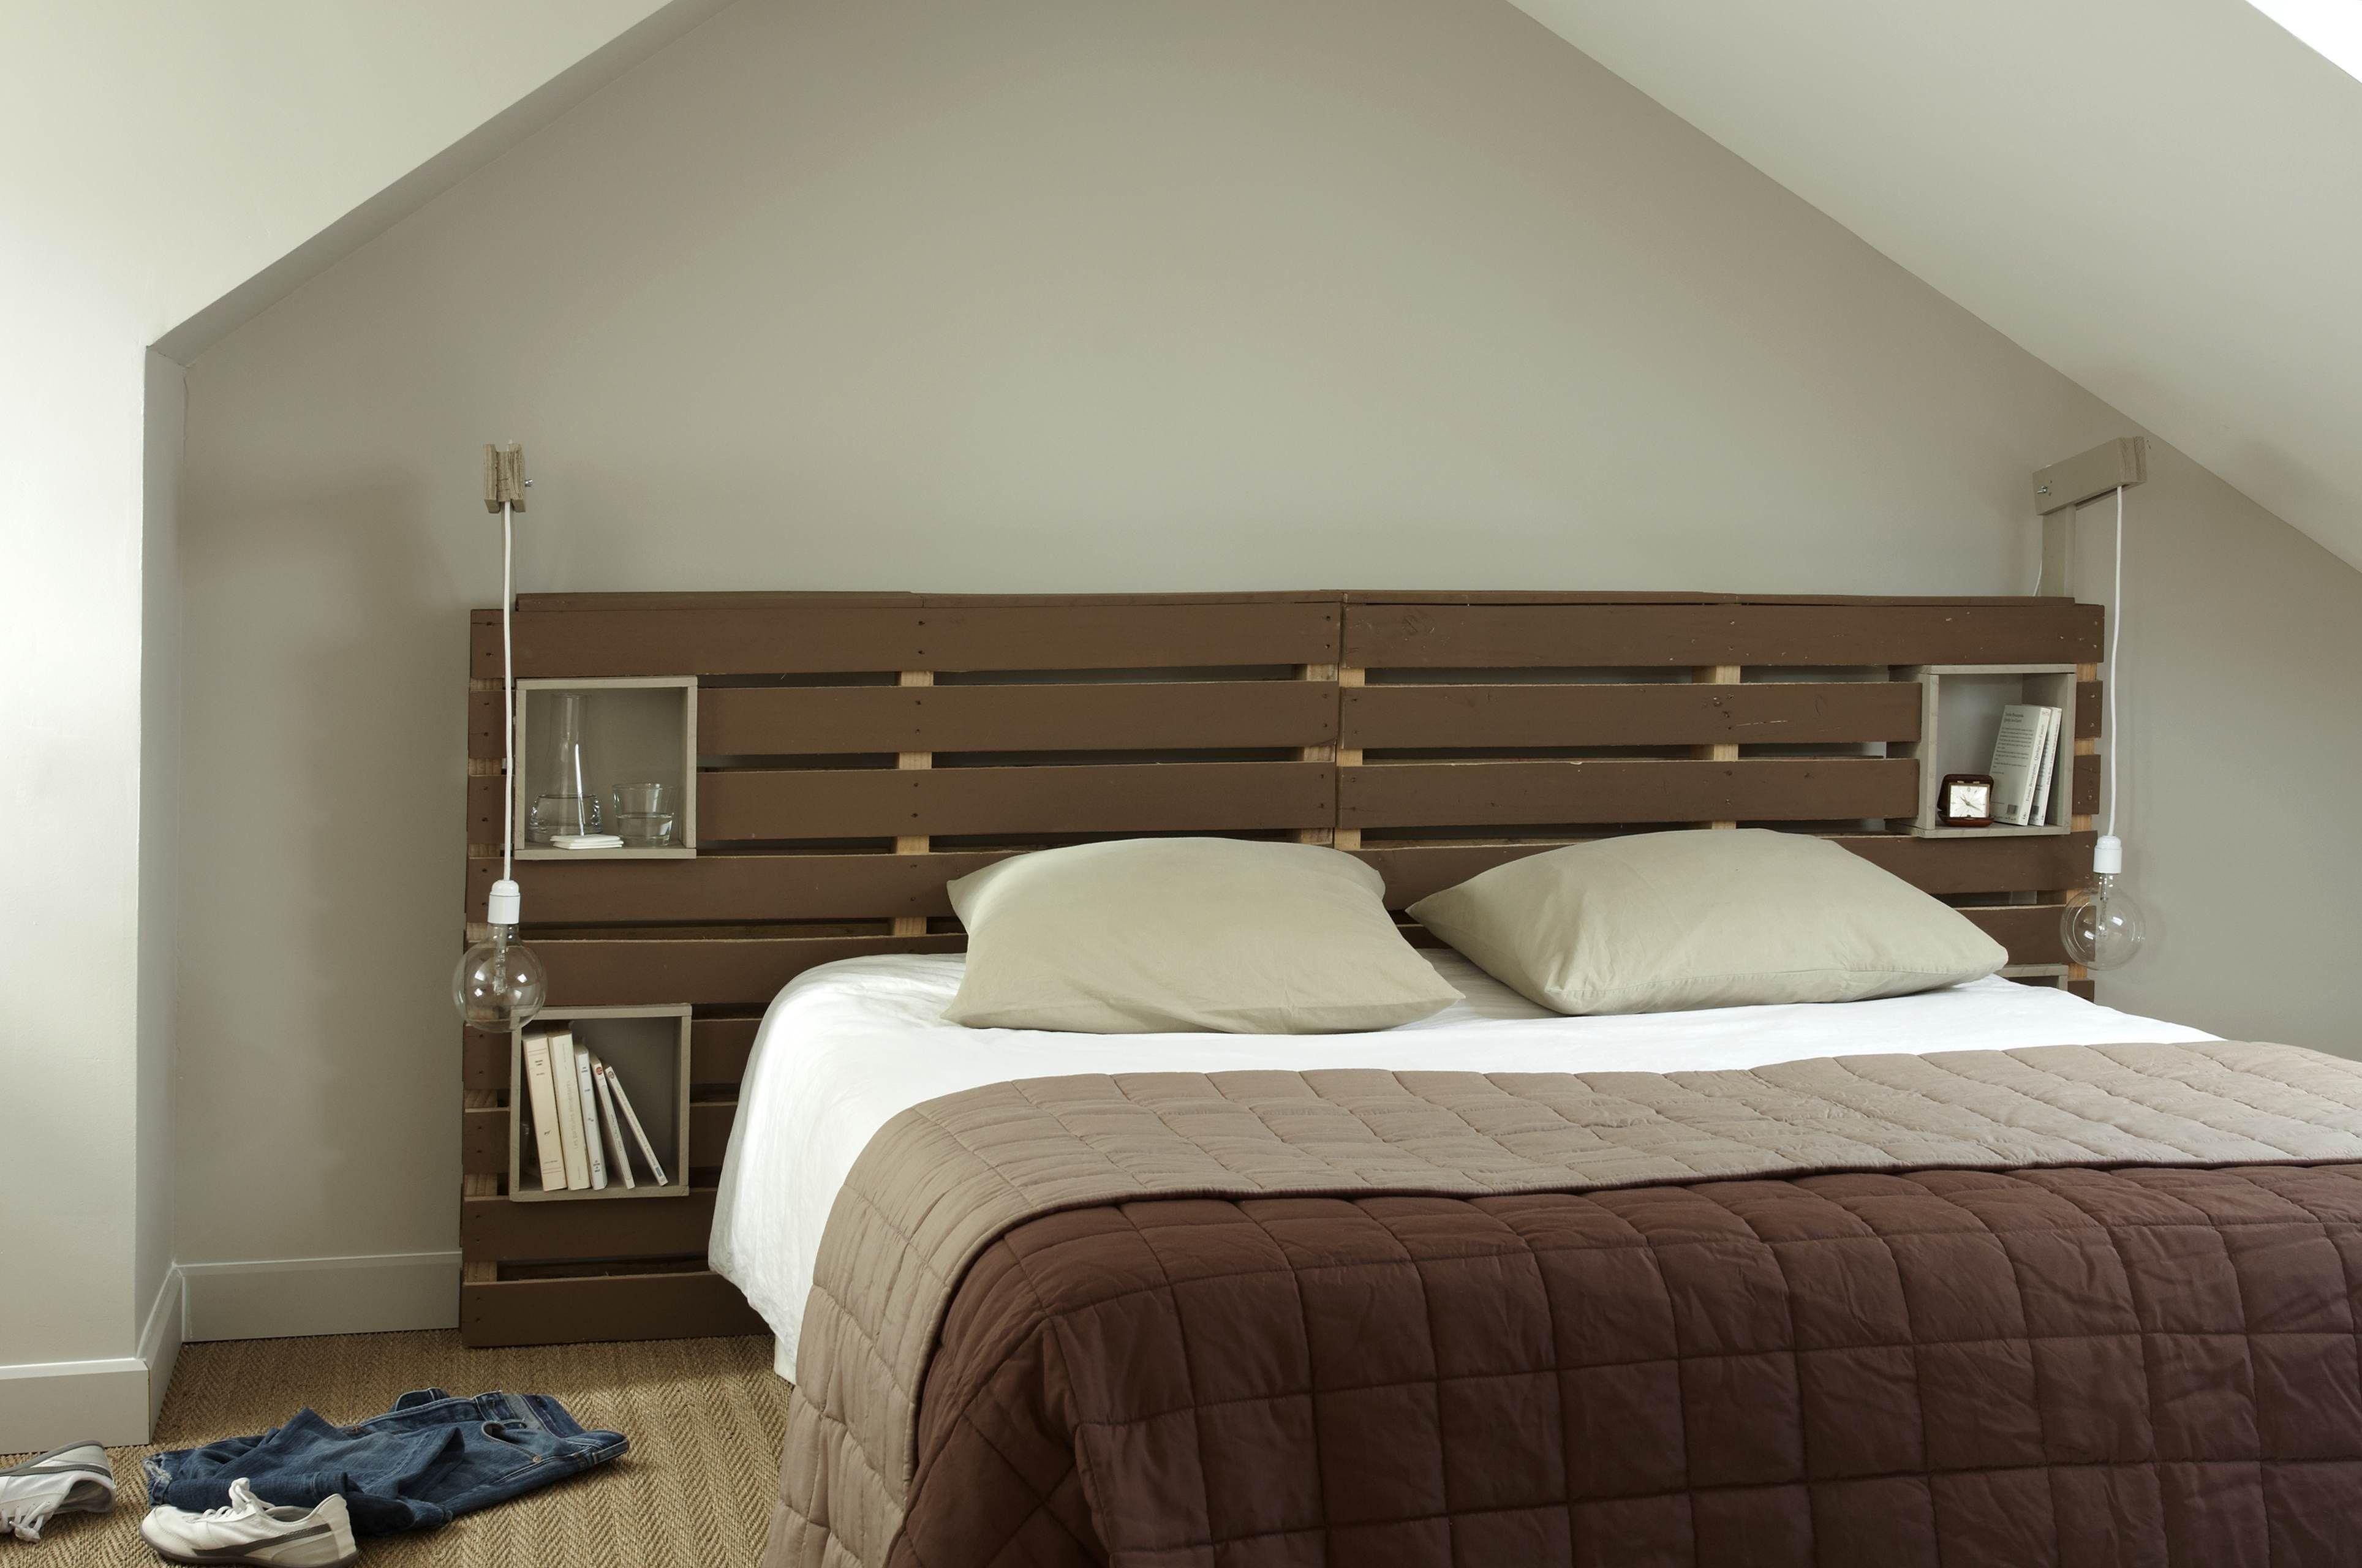 Le décor de la chambre c est la tªte de lit La tªte de lit est l